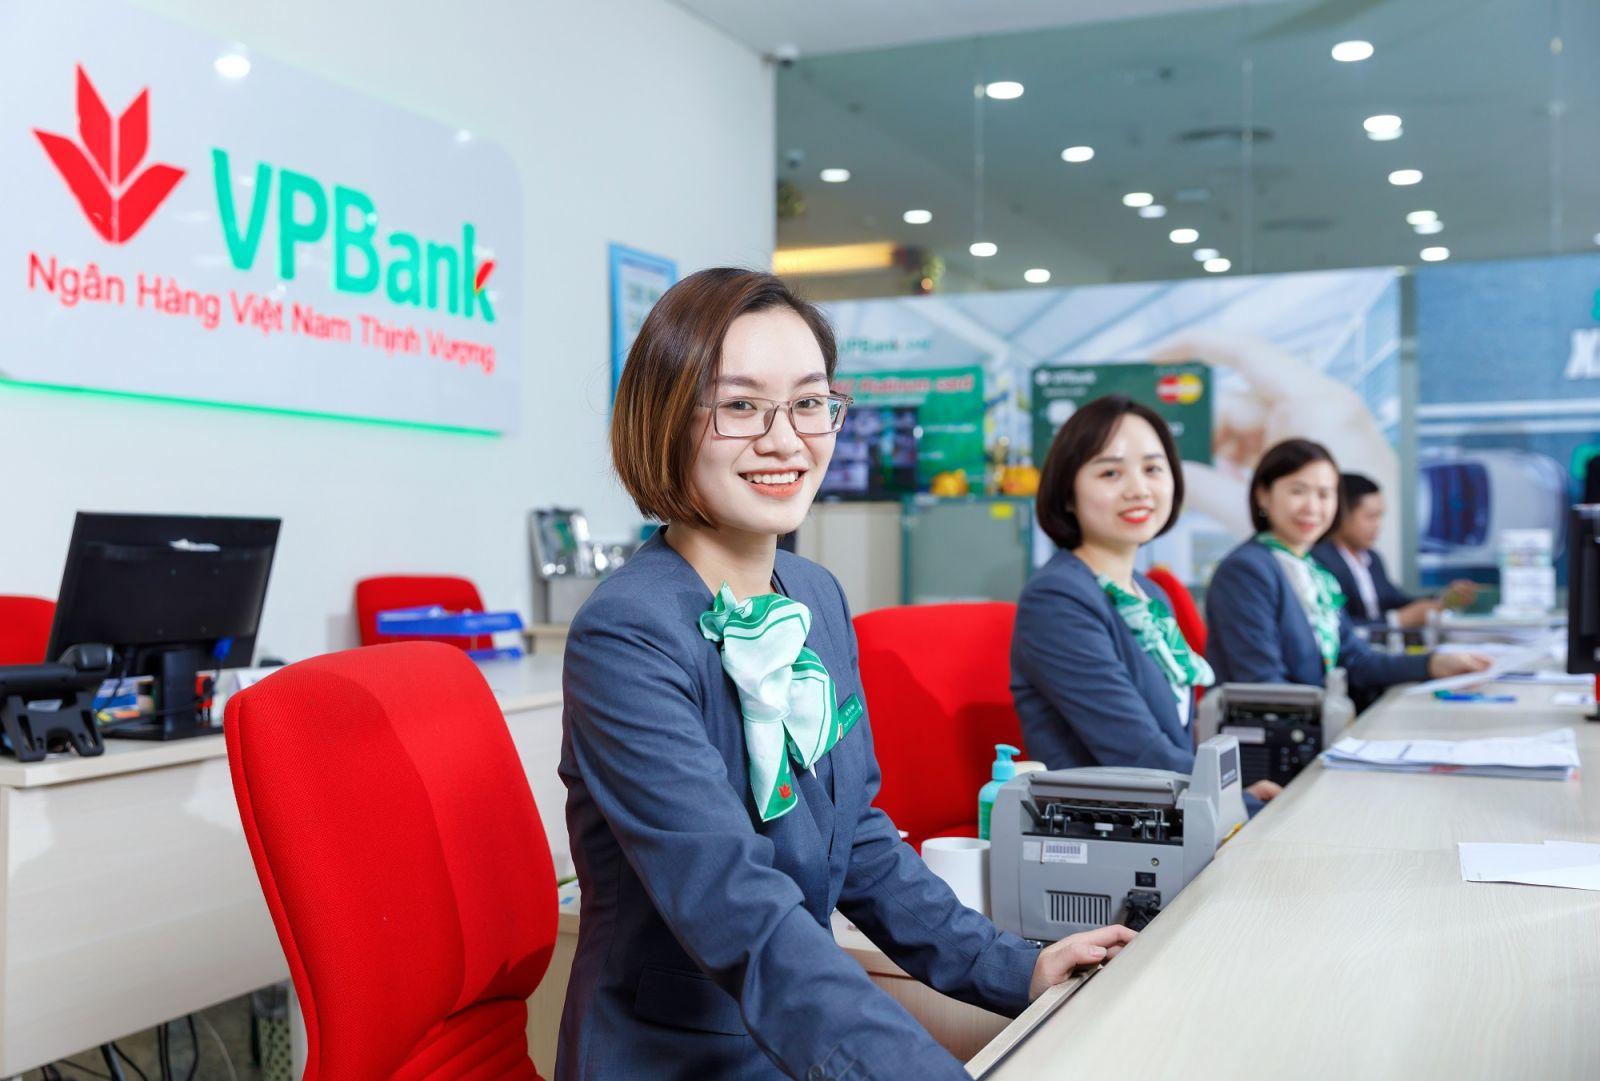 VPBank được đánh giá cao về cải thiện chất lượng tài sản và các tỷ lệ an toàn